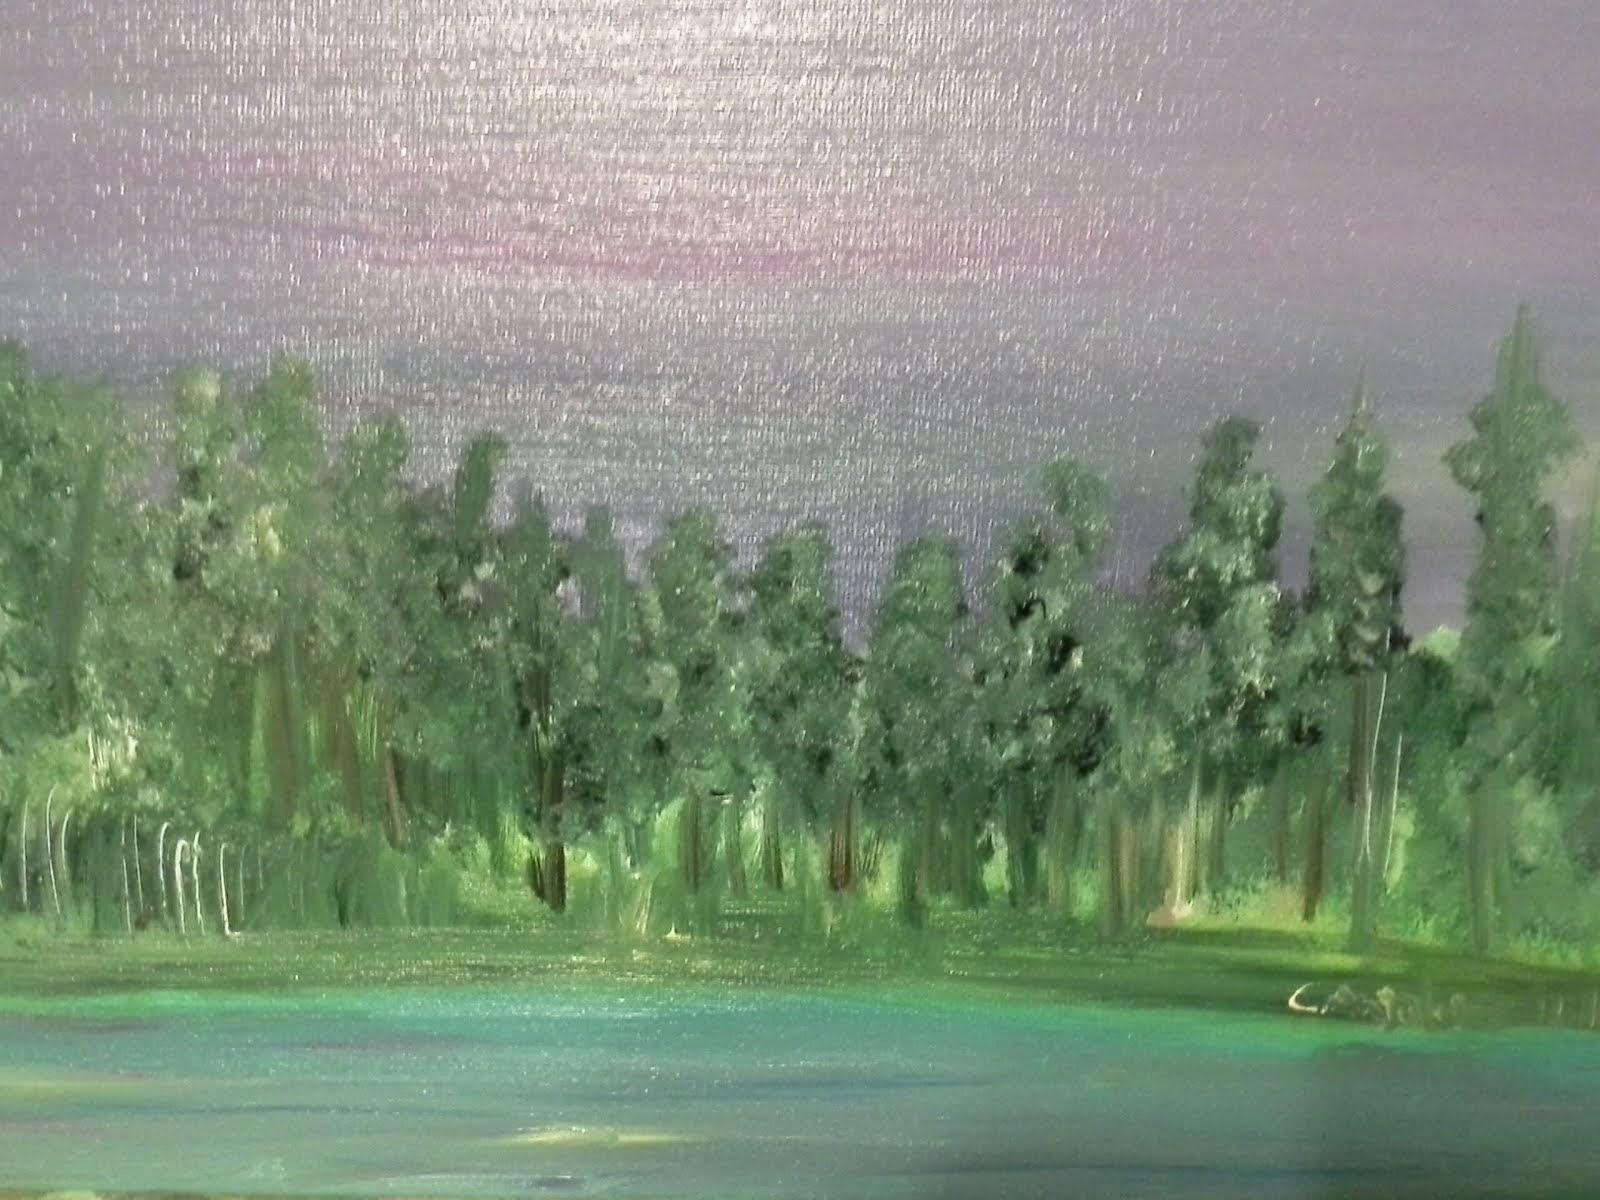 bosco in lontananza